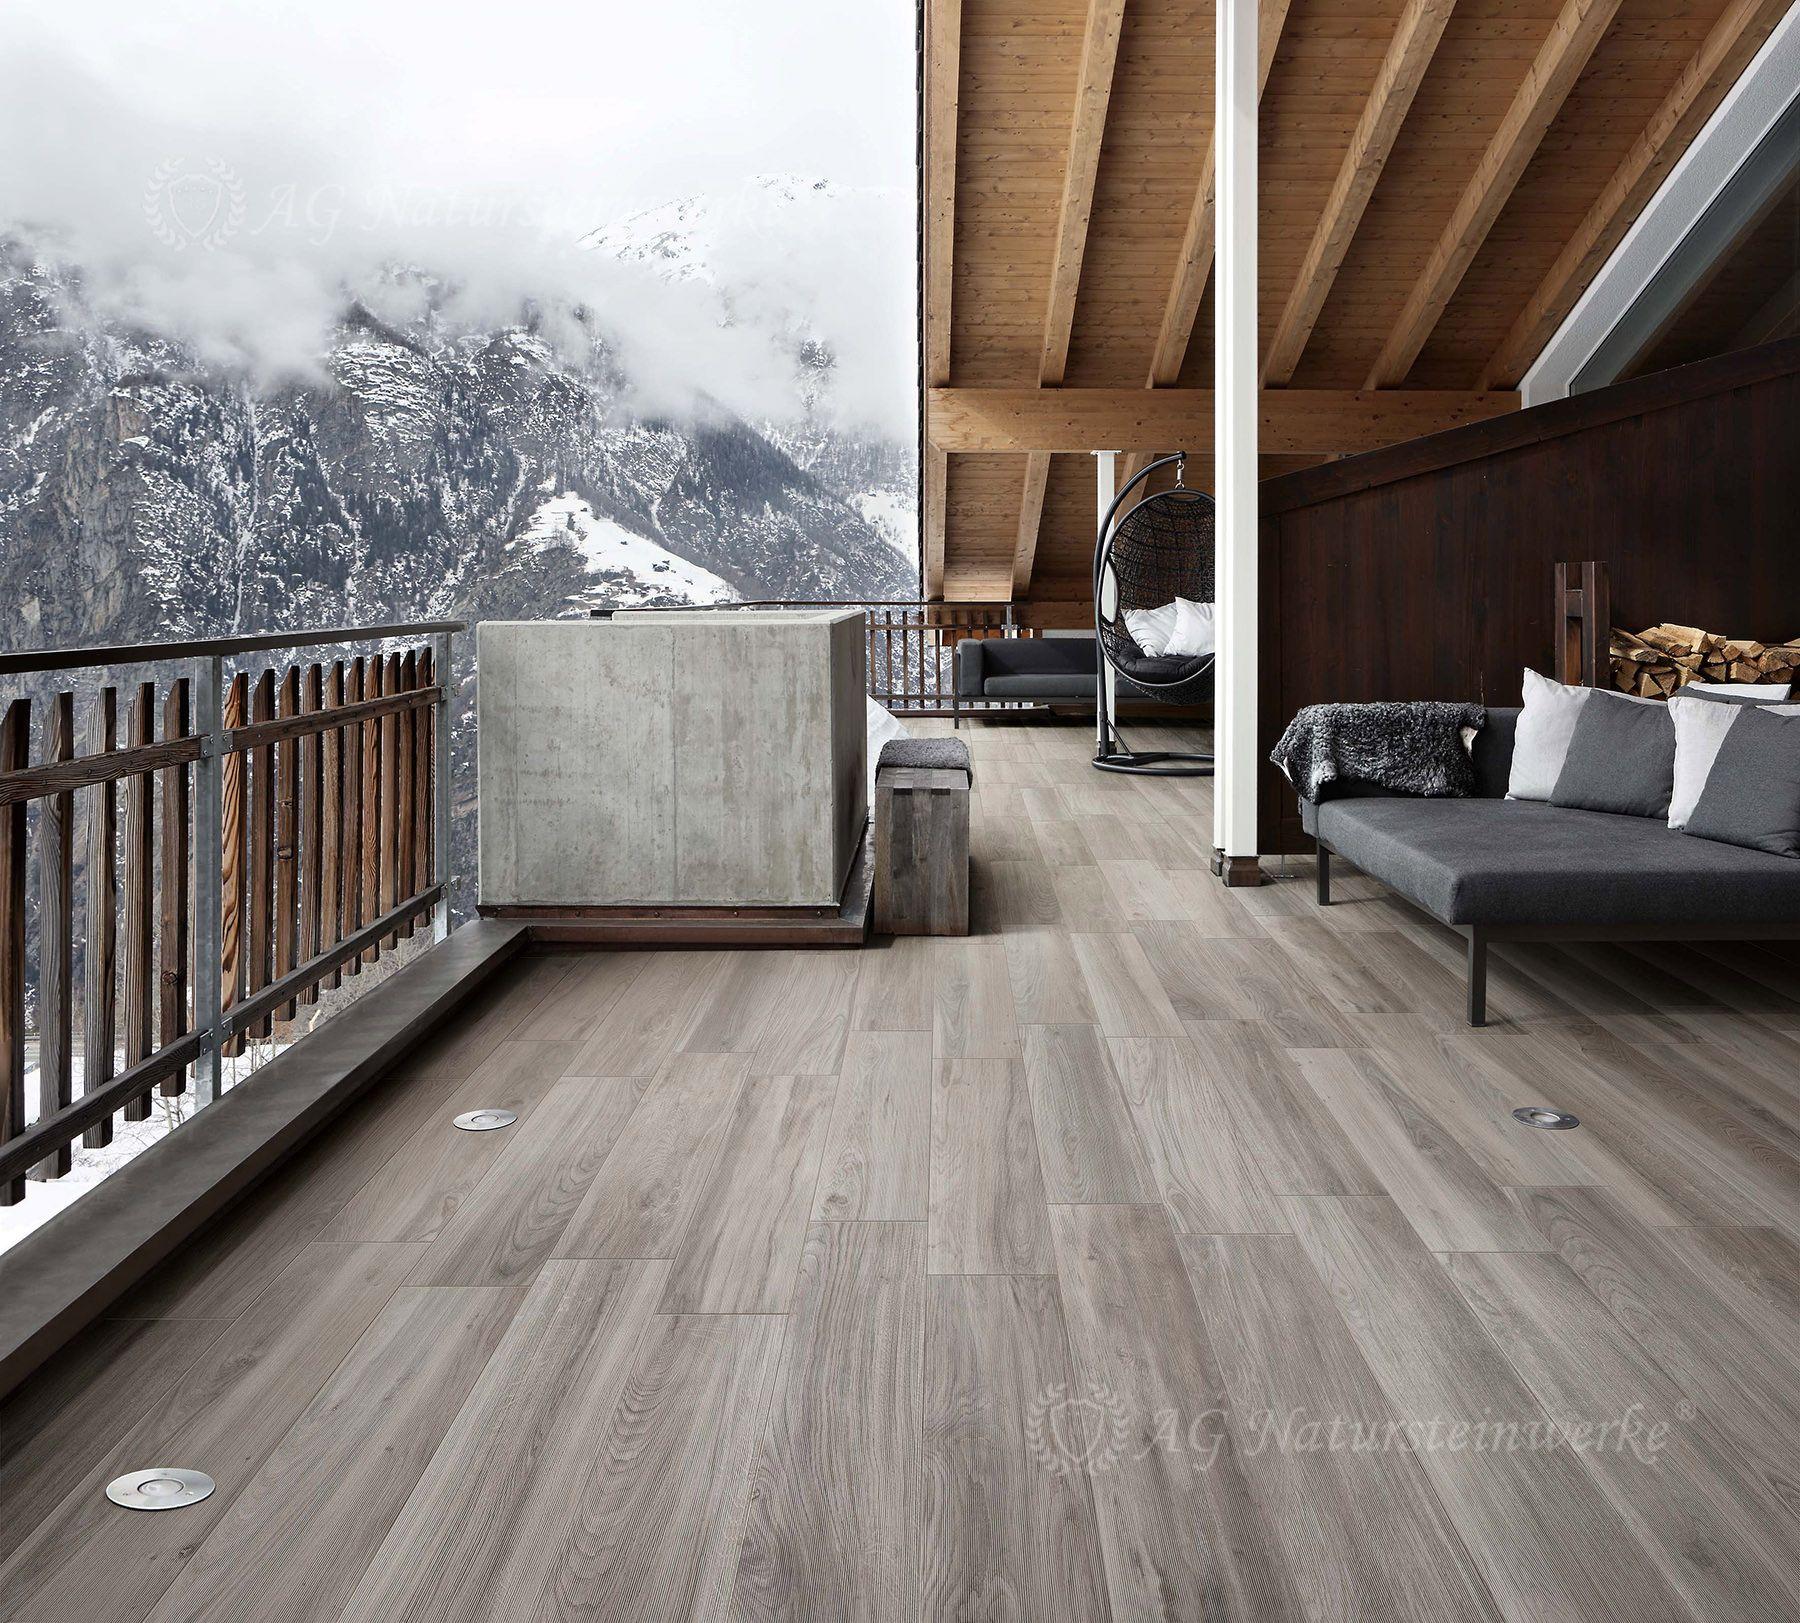 Dachterrase Mit Hüttenfeeling Durch Holzoptik Mit Cotage Carpino - Gartenplatten in holzoptik